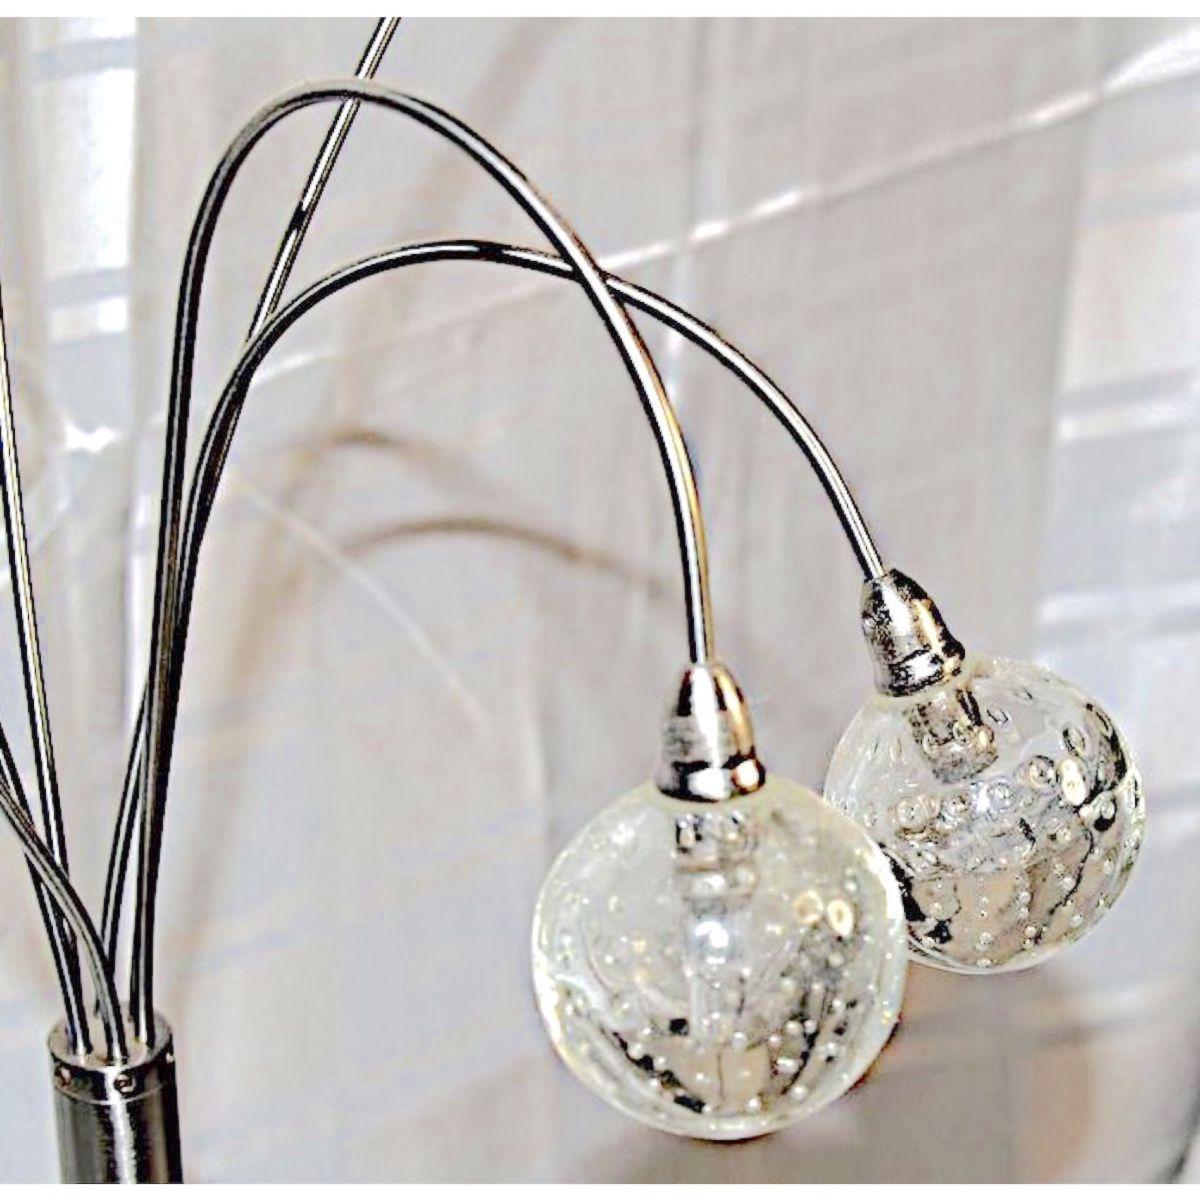 lampe de table 6 bras jan des bouvrie vintage luckyfind. Black Bedroom Furniture Sets. Home Design Ideas